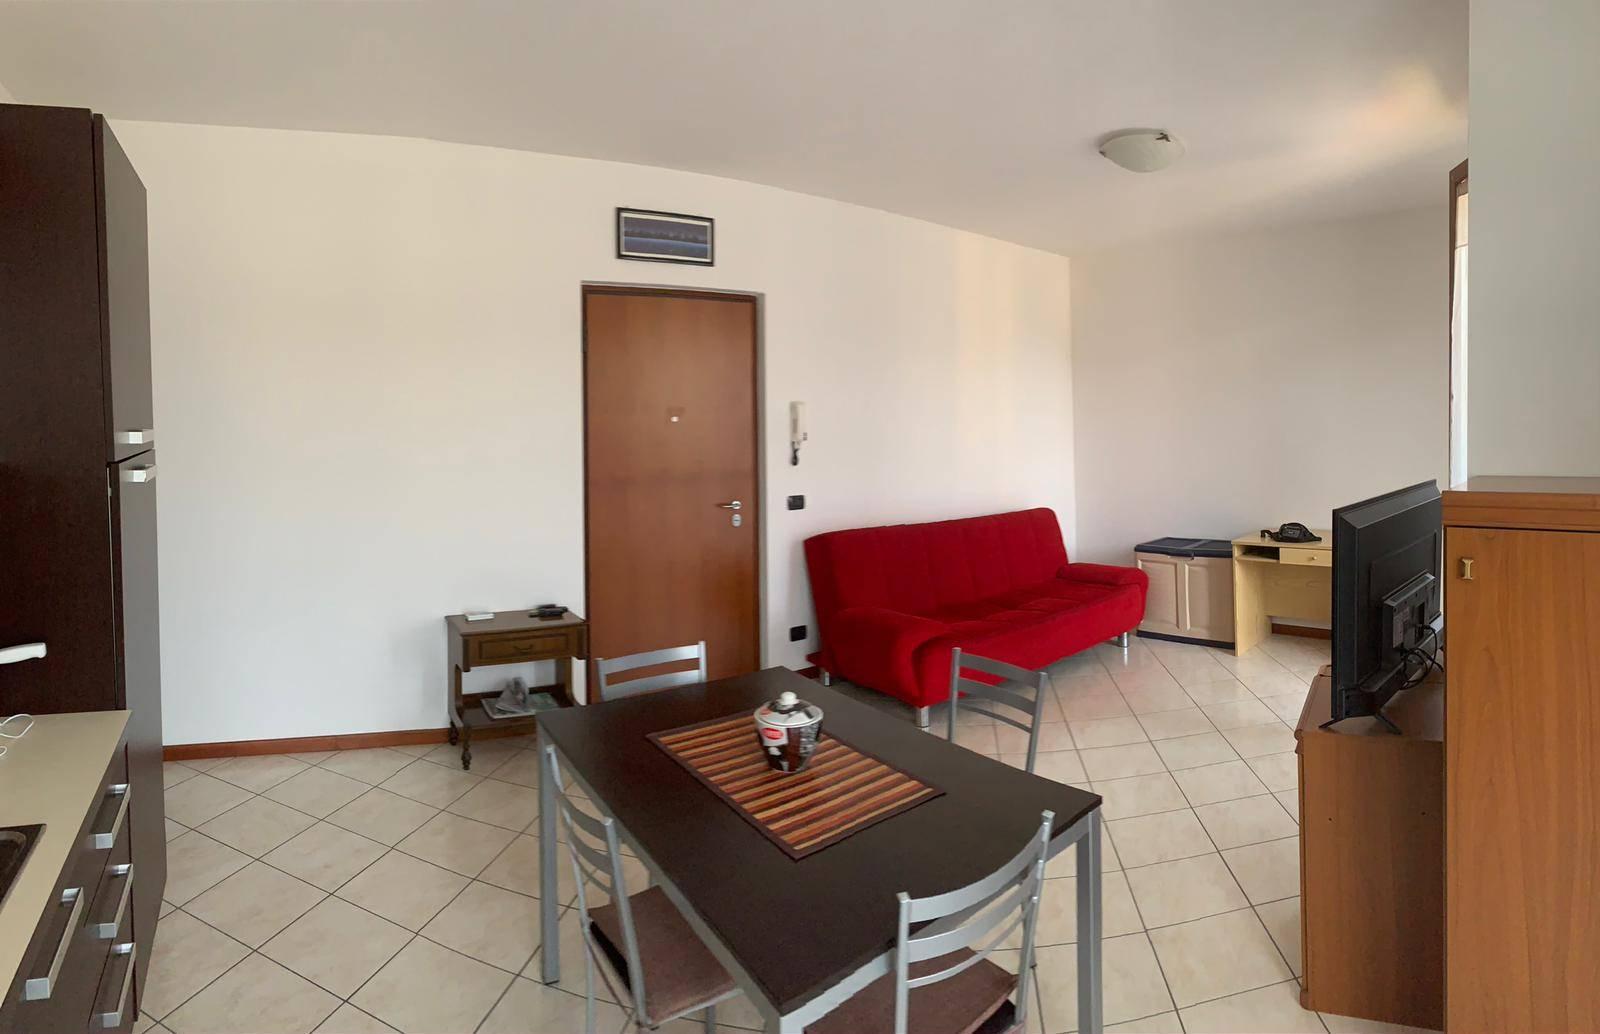 Appartamento in vendita a Castelbelforte, 2 locali, prezzo € 70.000 | PortaleAgenzieImmobiliari.it